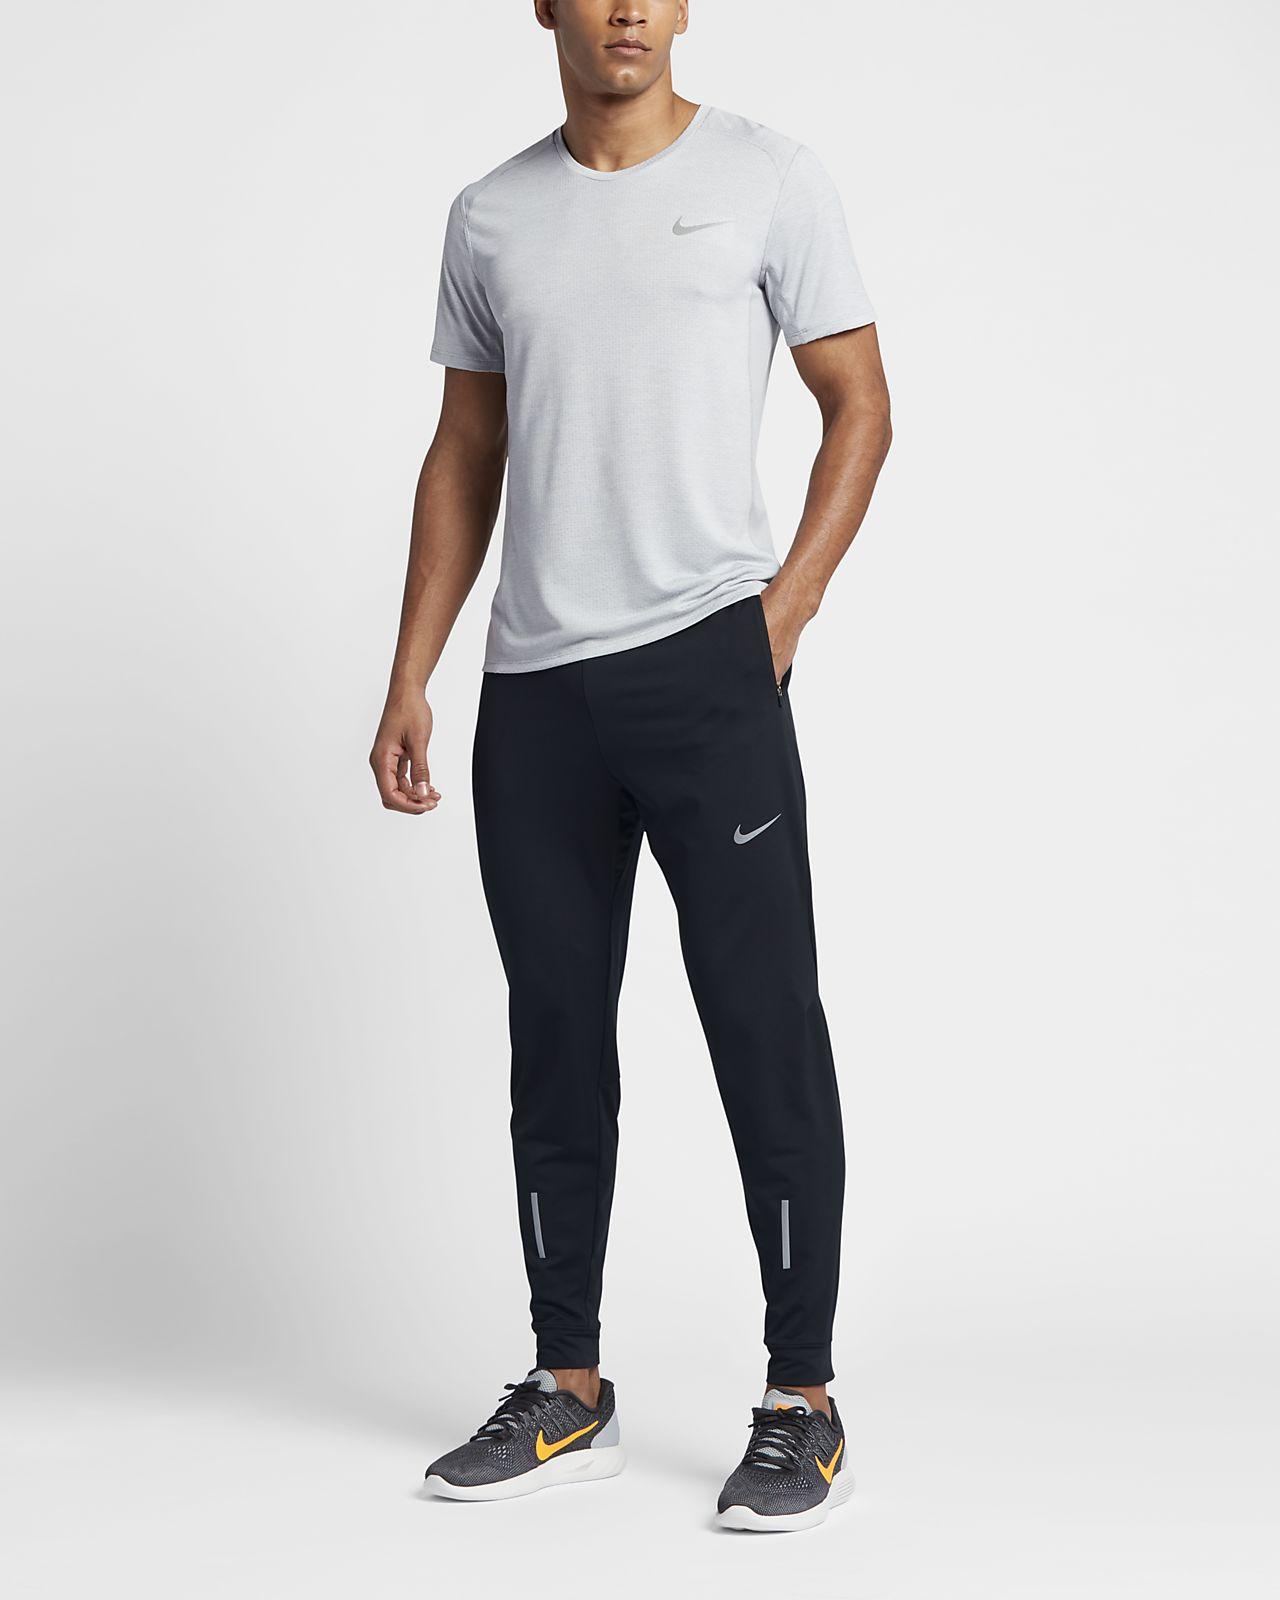 Nike Pantalons Chaussettes Hommes Dri Fit Pantalons Nike De Course Blanc gros pas 047c8e